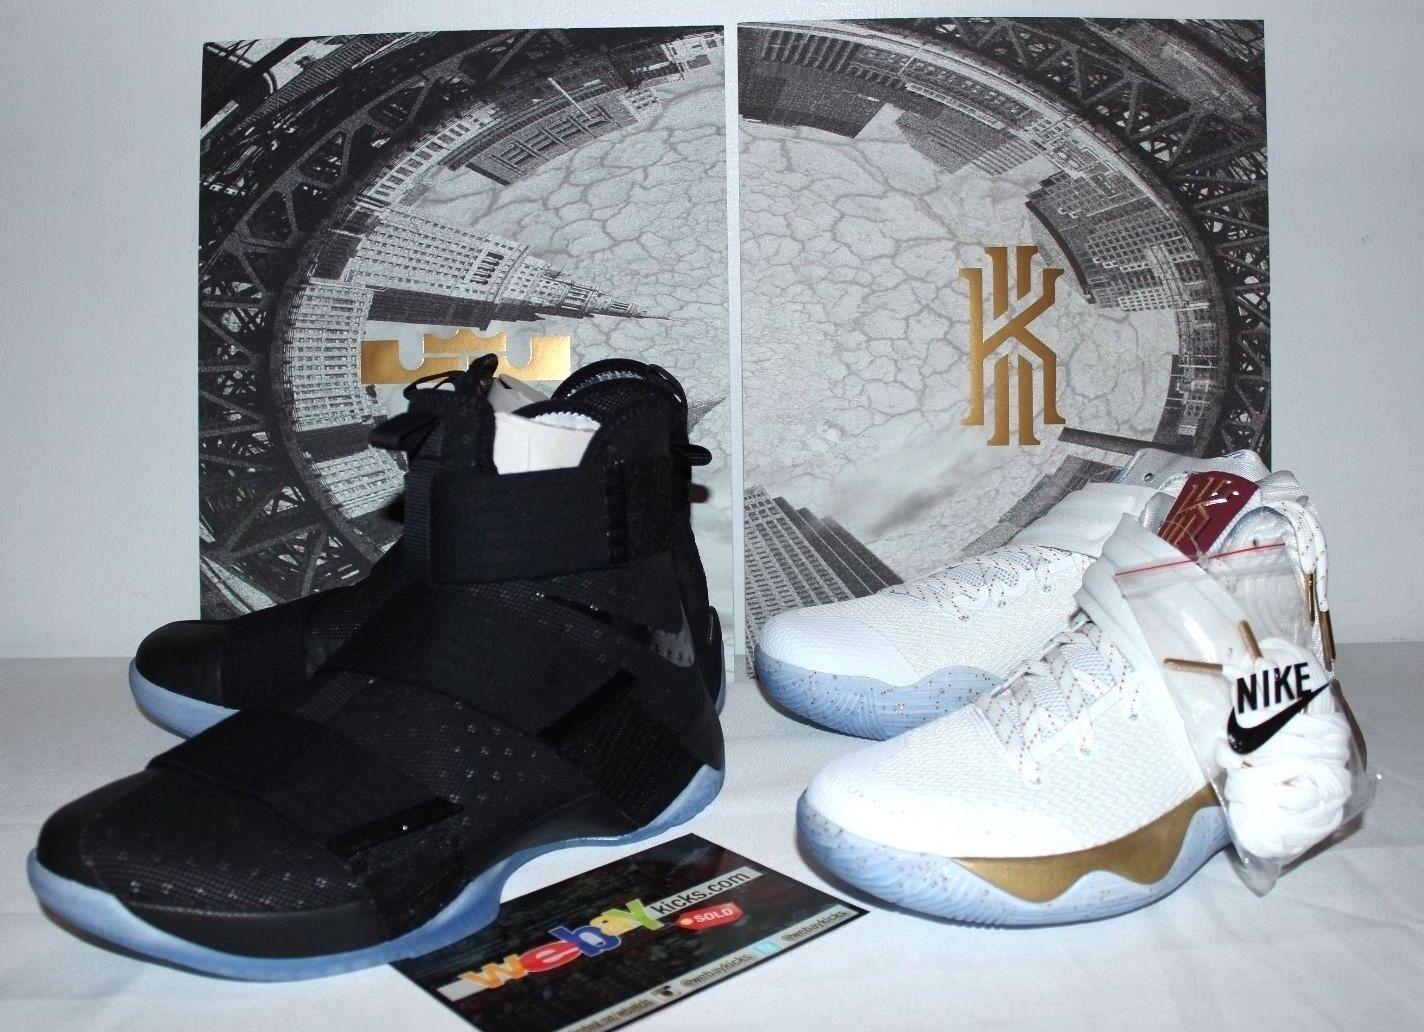 Nike air lebron x 10 kyrie 2 partita 3 dell'oro nero scarpe Uomo dimensioni